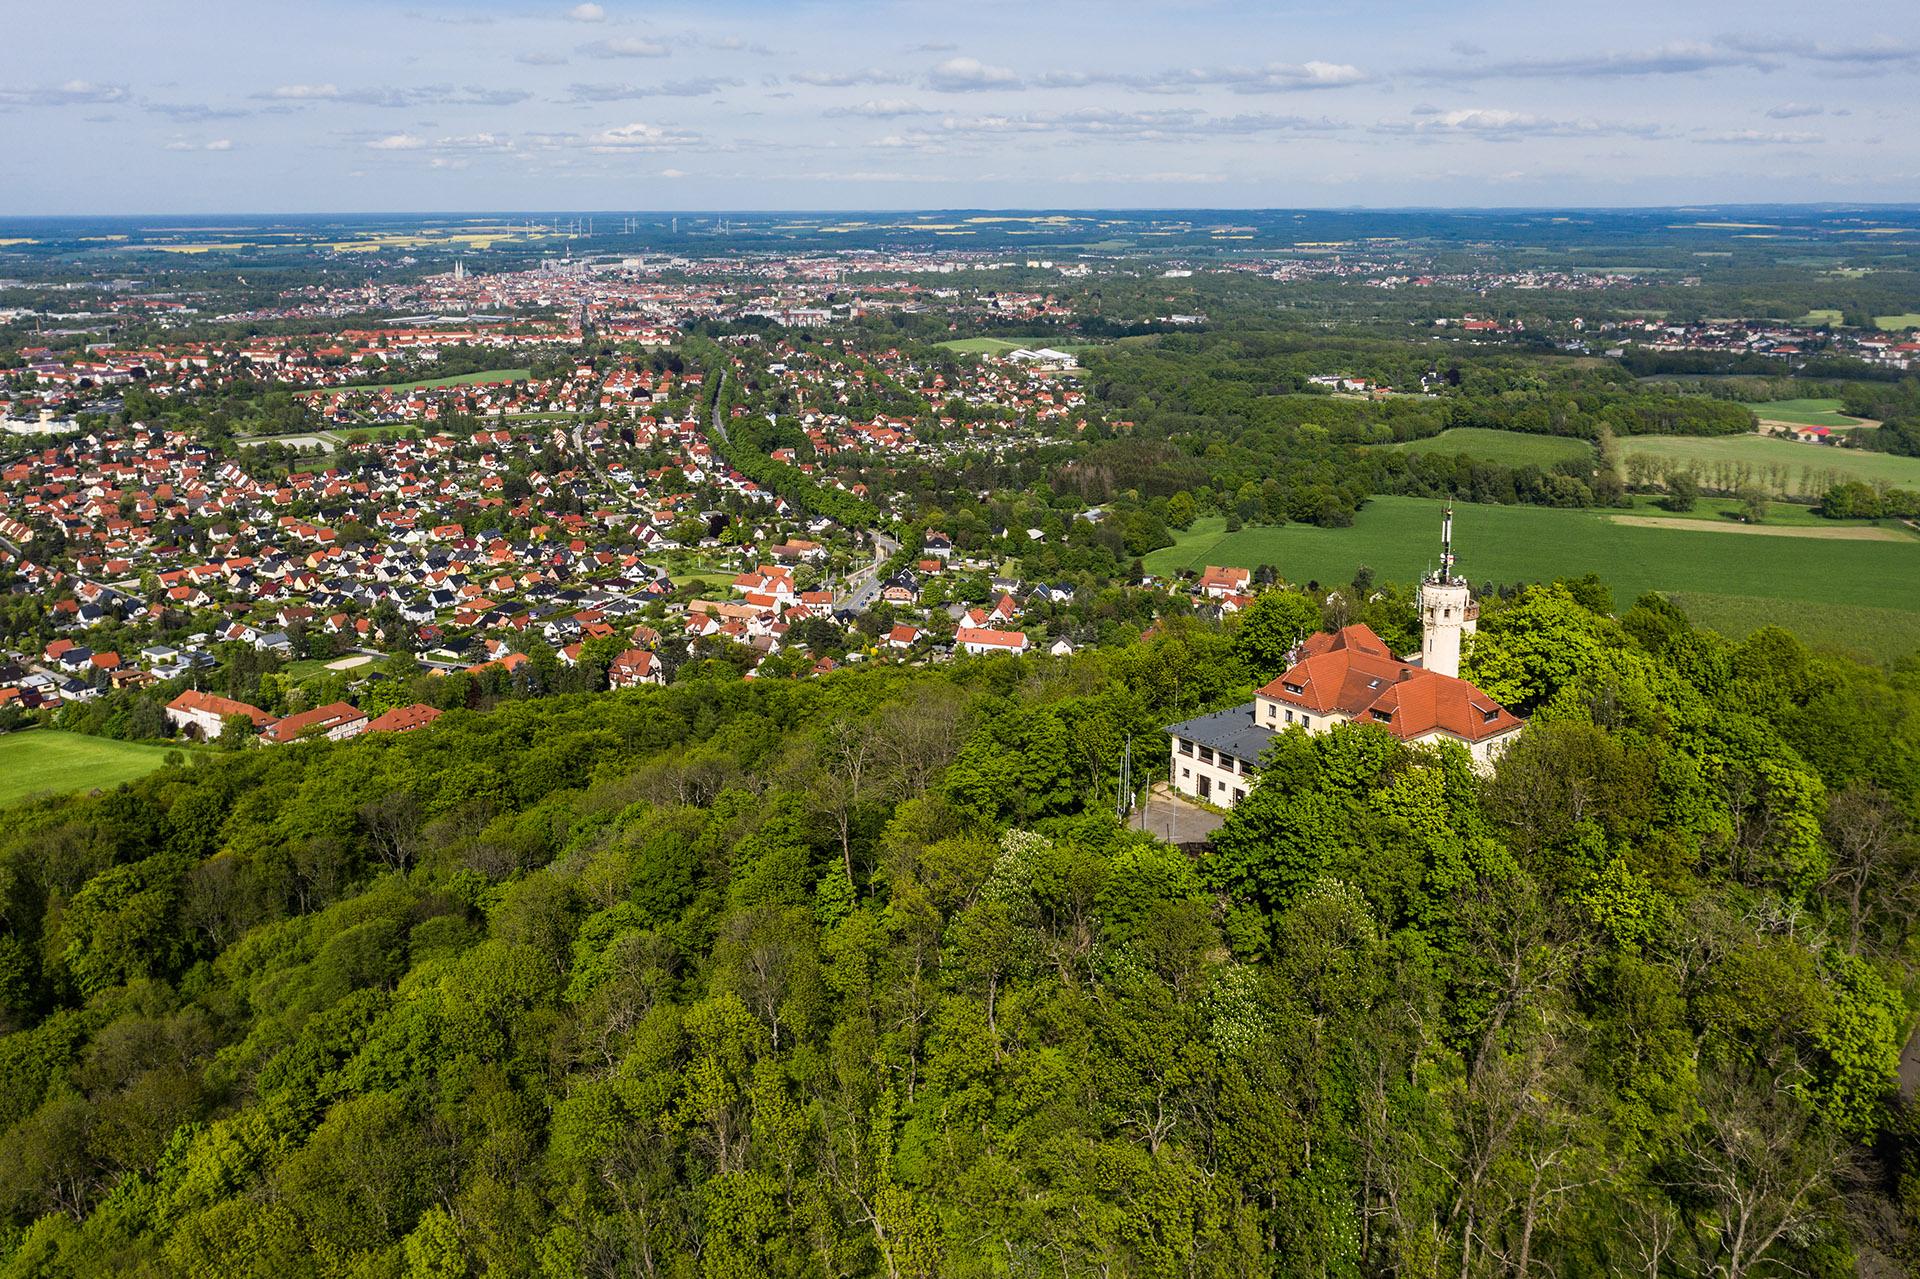 Görlitz - Landeskrone